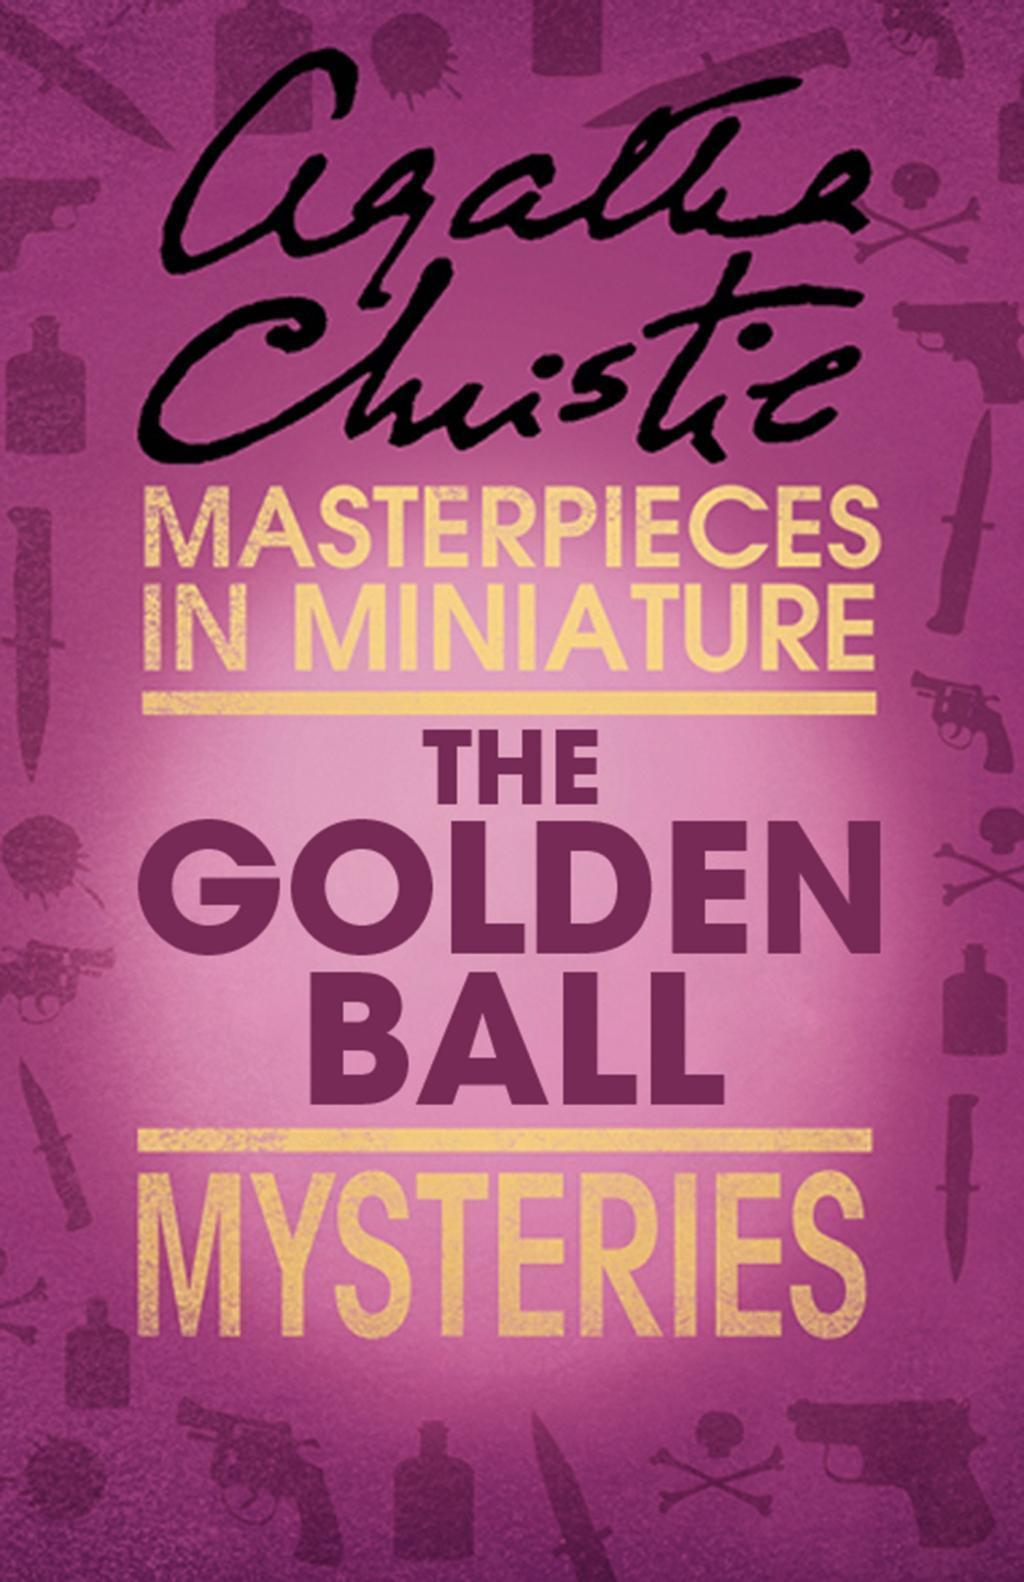 The Golden Ball: An Agatha Christie Short Story